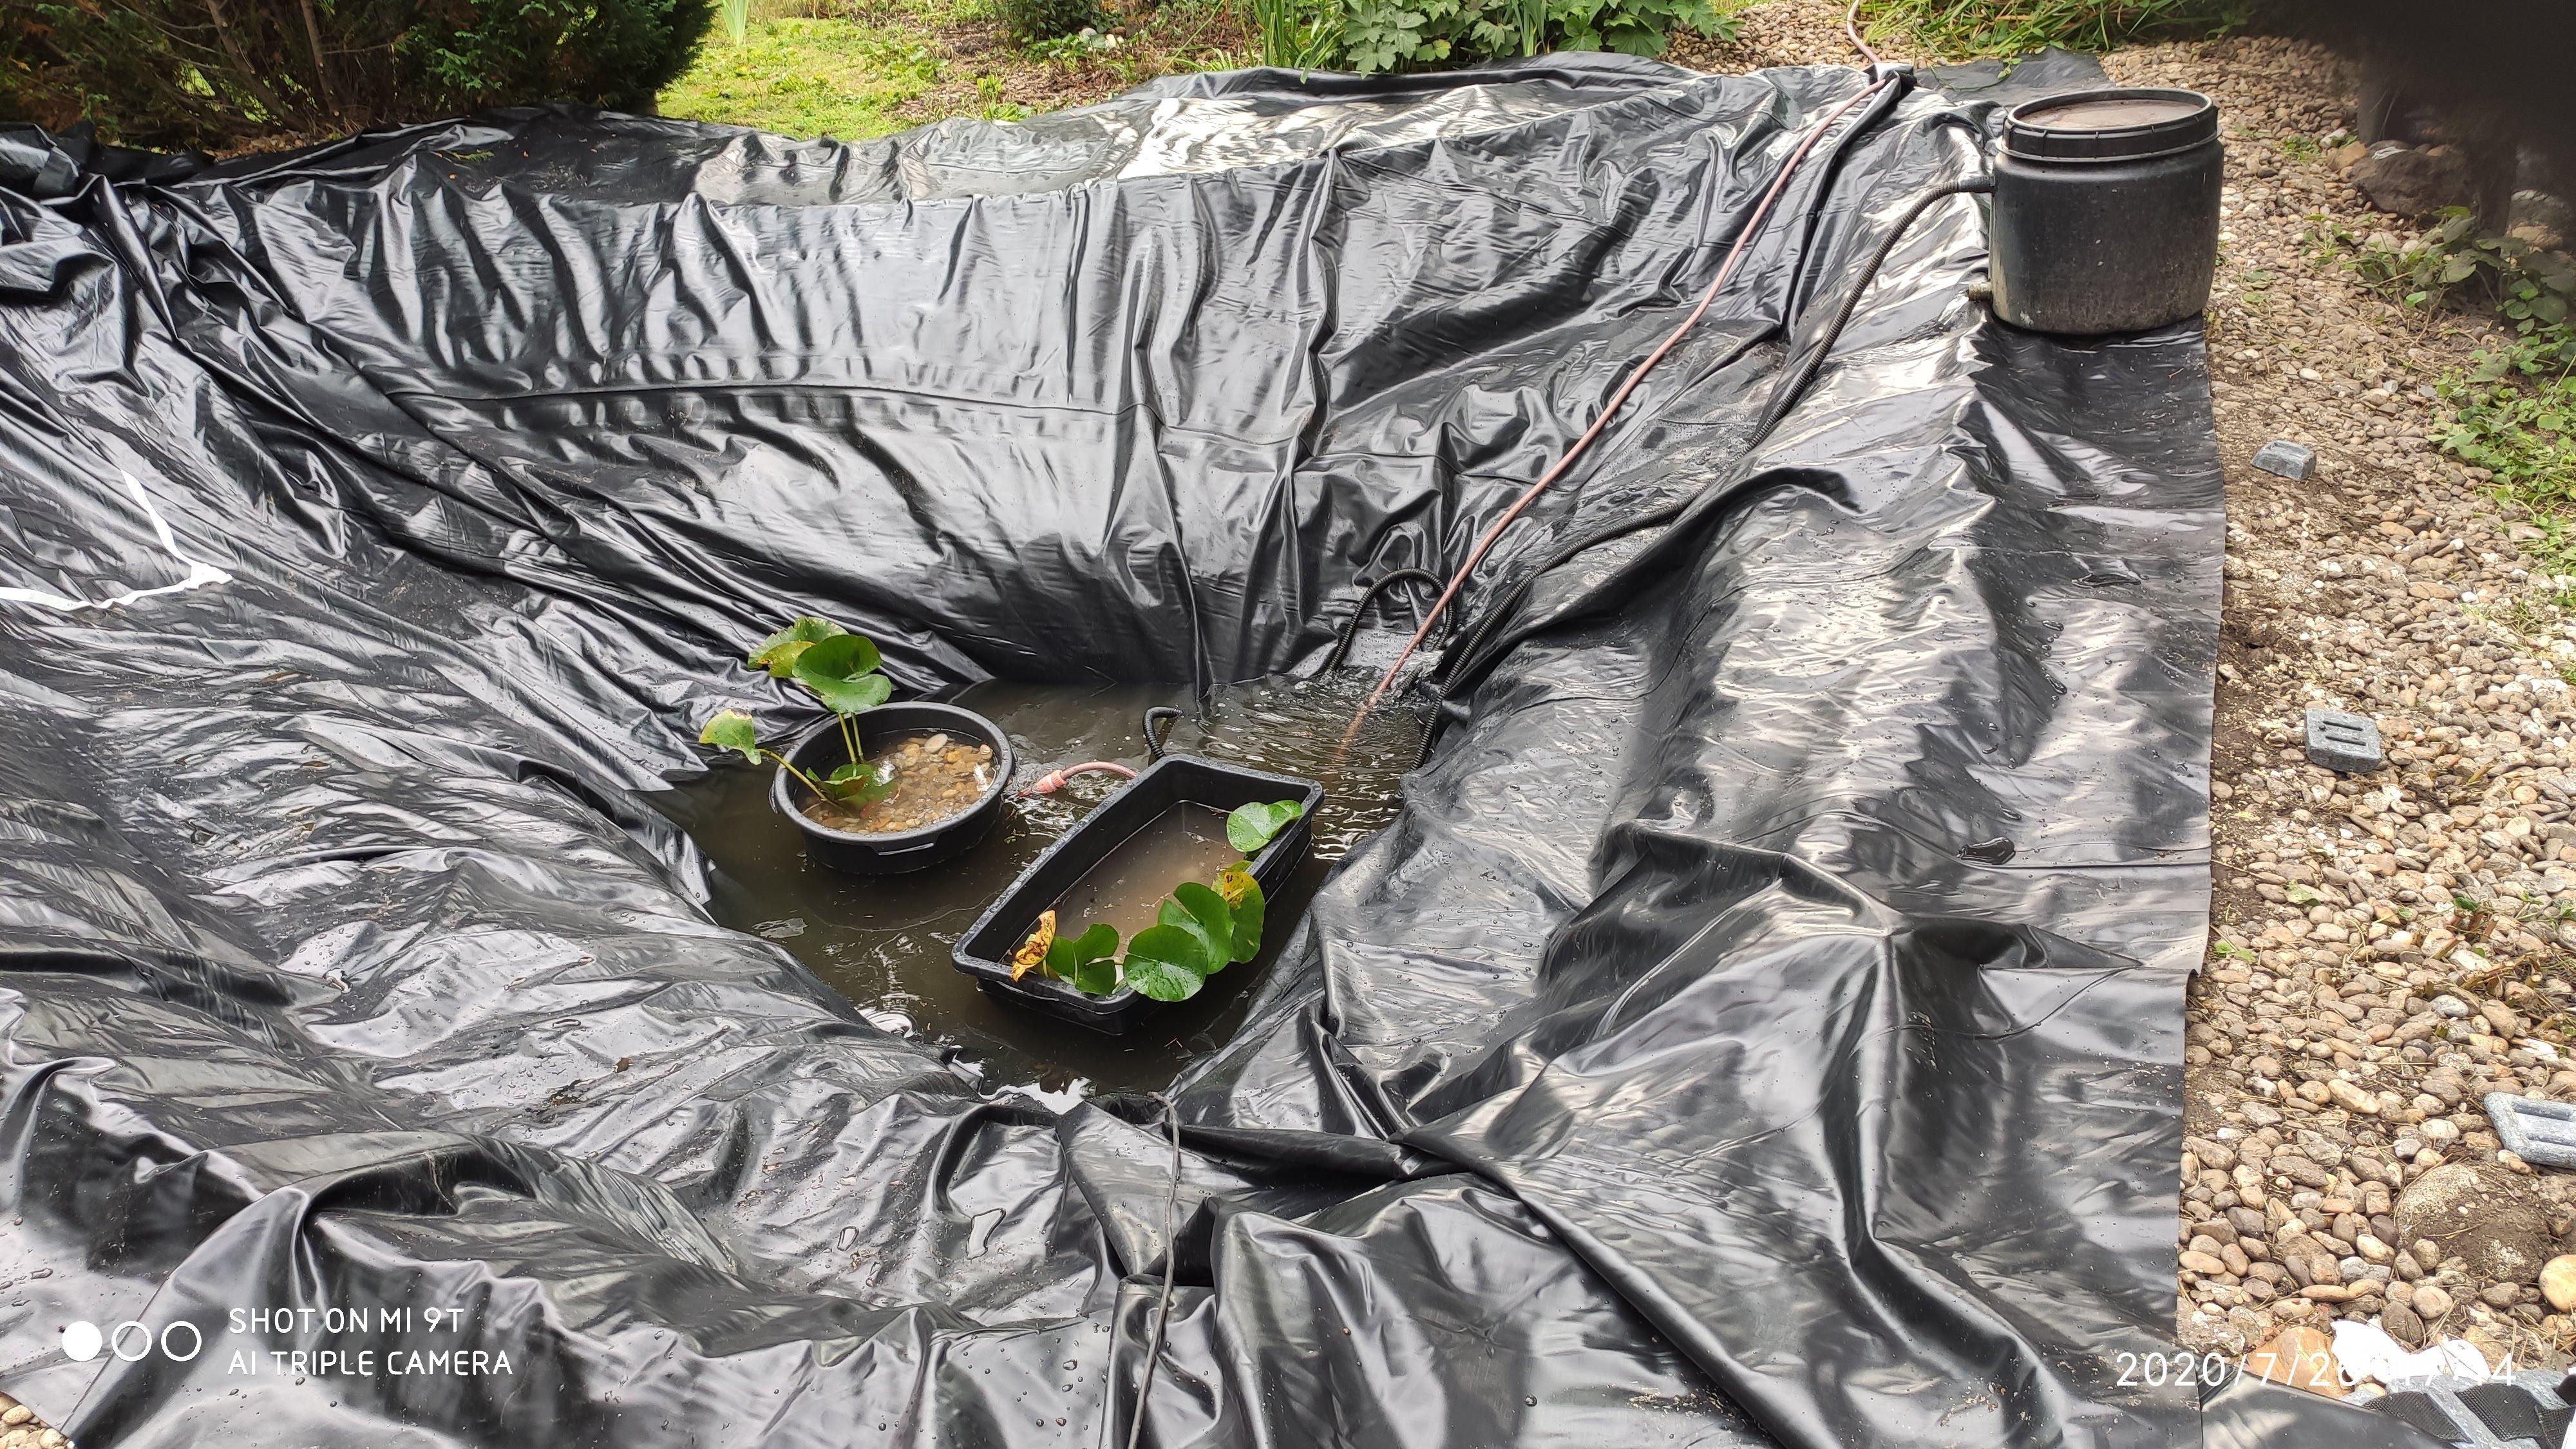 Fólia kisimítva, ránctalanítva, amennyire lehetséges. Bekerülnek az első tavirózsák, dézsában. Pici víz, tószűrő máris indítva.